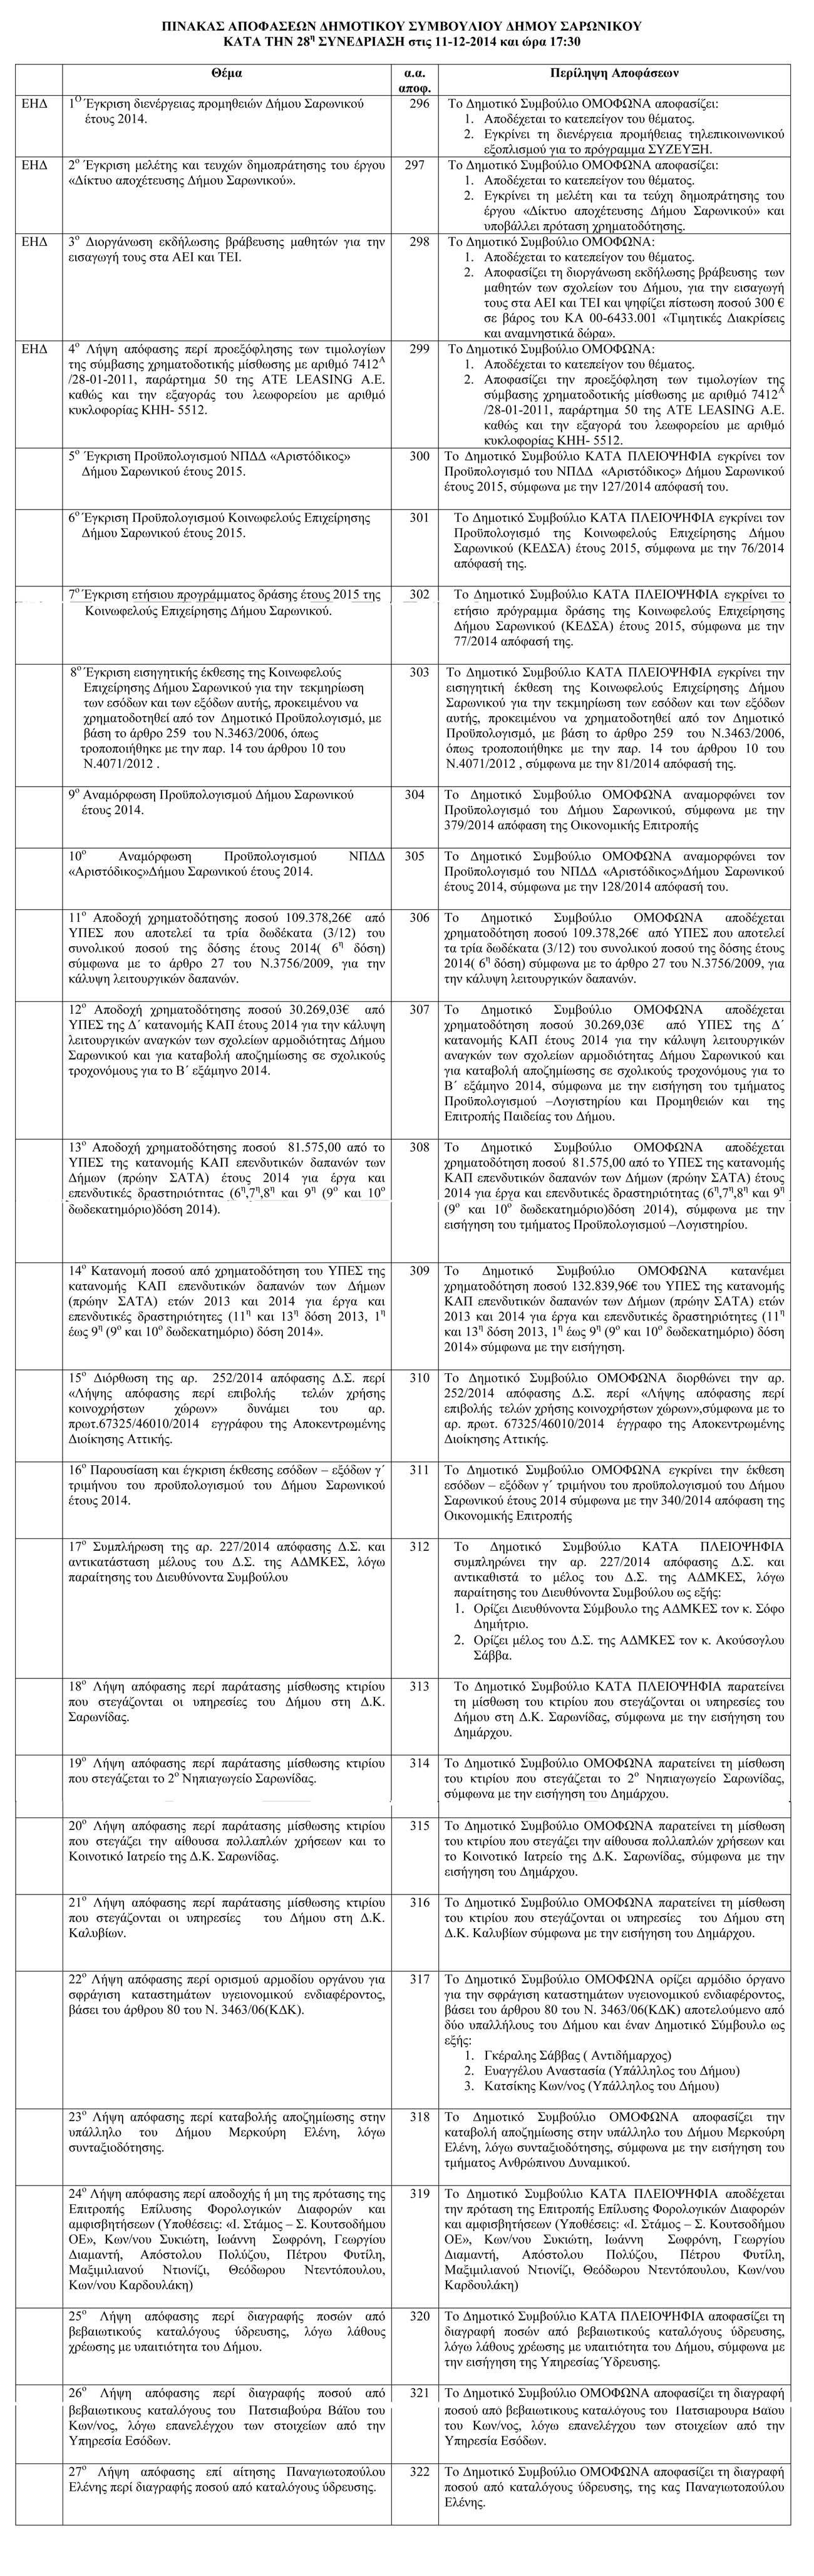 Πίνακας Απφάσεων Δημοτικού Συμβουλίου 28η συνεδρίαση (11-12-2014)-1